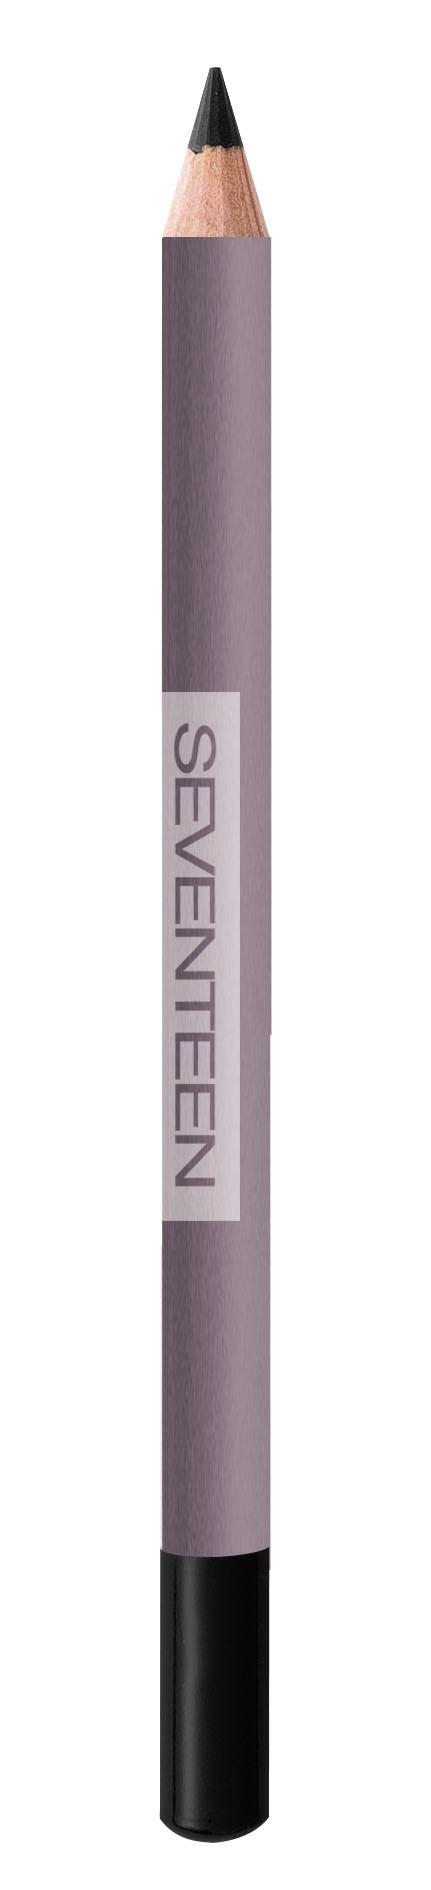 SEVENTEEN Карандаш устойчивый для век, 14 черный / LONGSTAY EYE SHAPER 1,14 г